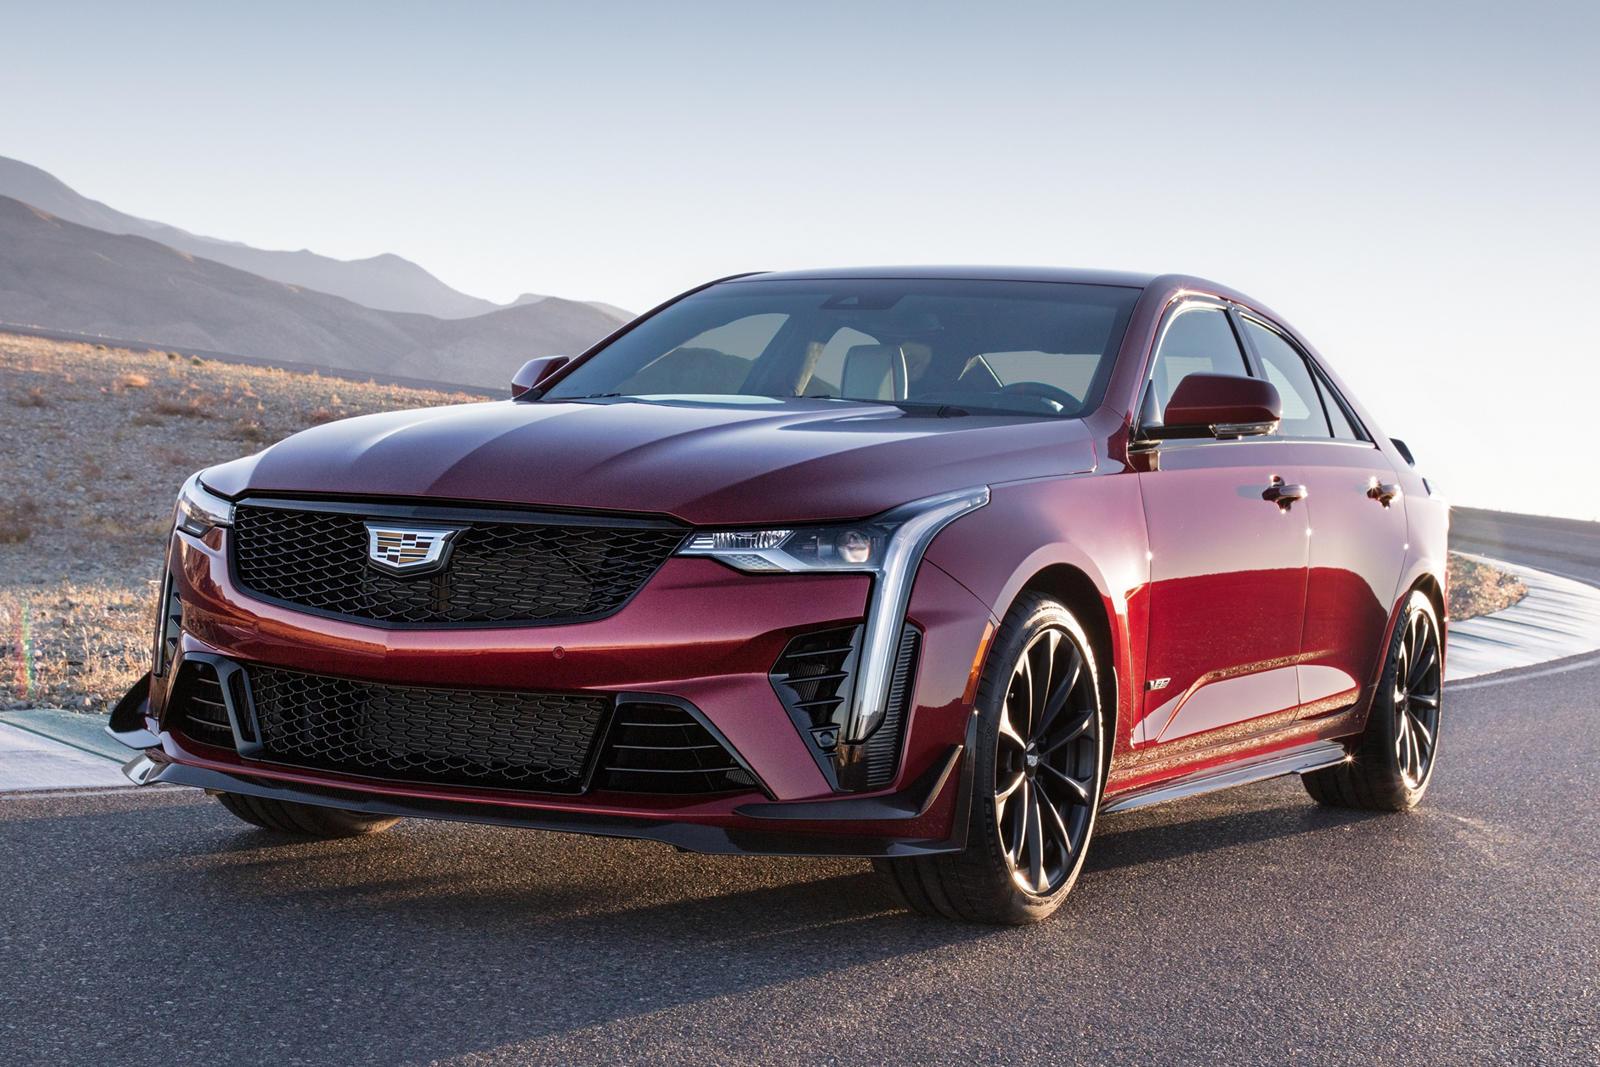 Этим владельцам также будет подарена сессия в Академии Cadillac V-Performance в Неваде. Те, кто пропустил один из этих 500 автомобилей, все еще могут разместить заказ в любом дилерском центре Cadillac на Blackwing, не предназначенный для запуска.